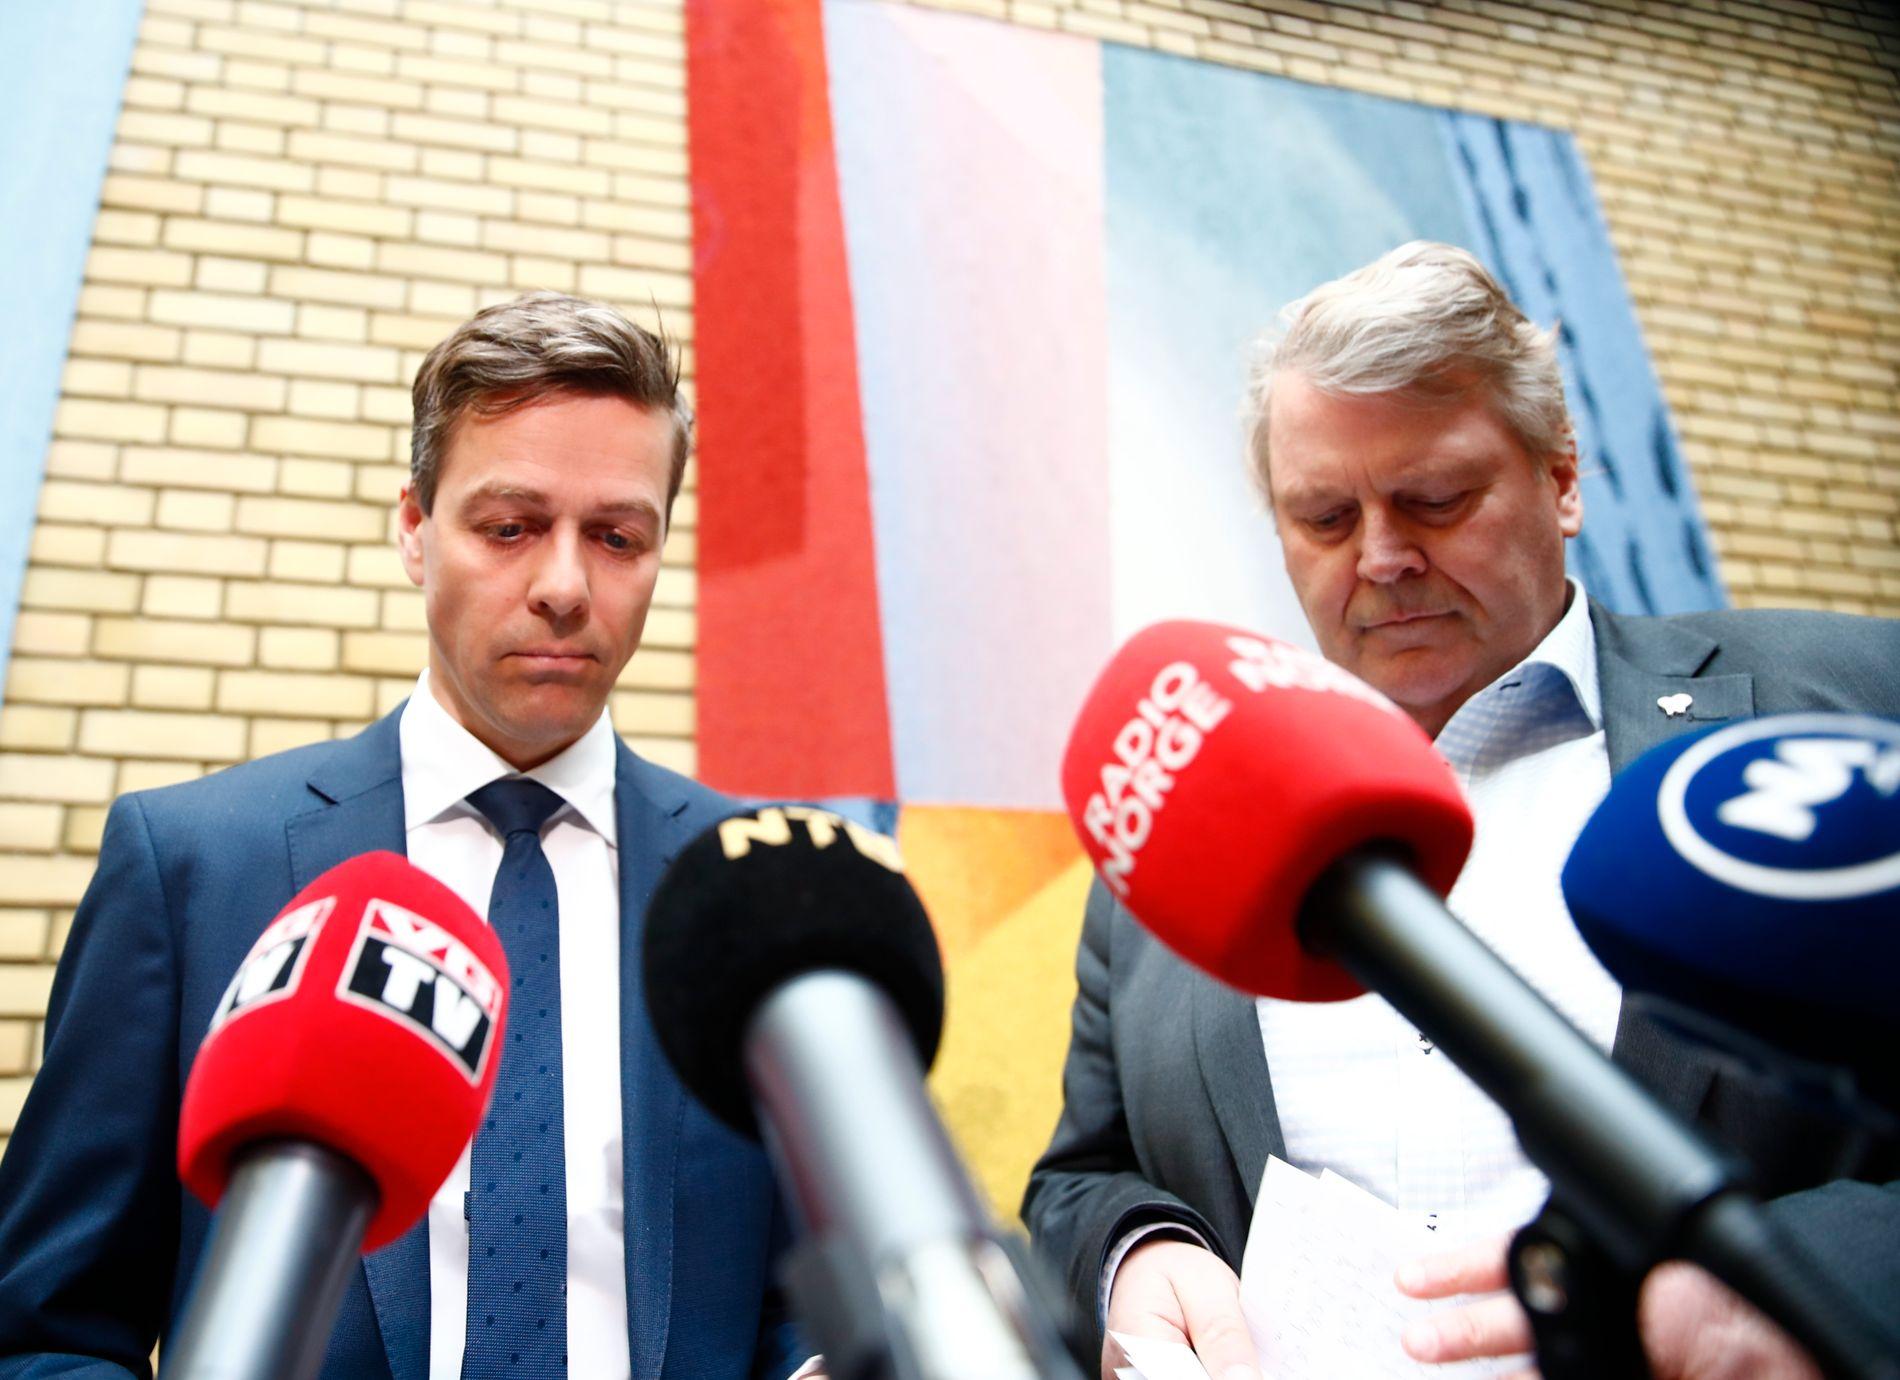 UENIGE: KrFs parlamentariske leder og nestleder, Knut Arild Hareide og Hans Fredrik Grøvan. Her fotografert sammen i Stortingets vandrehall.